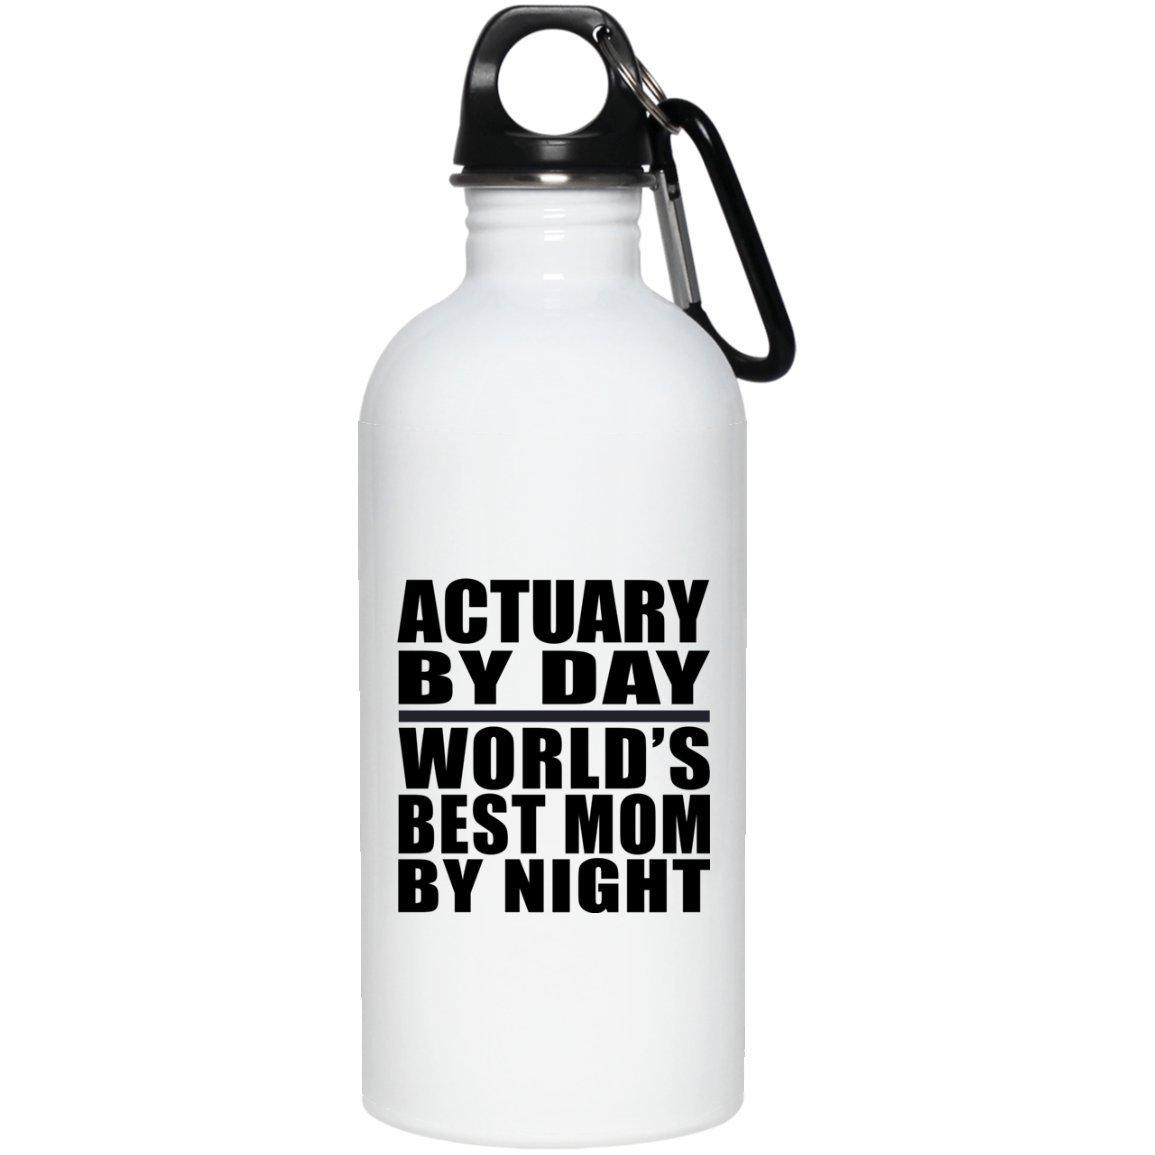 Designsify Actuary by Day Worlds Best Mom by Night - Water Bottle Wasserflasche Edelstahl Isoliert Thermosflasche - Geschenk zum Geburtstag Jahrestag Muttertag Vatertag Ostern